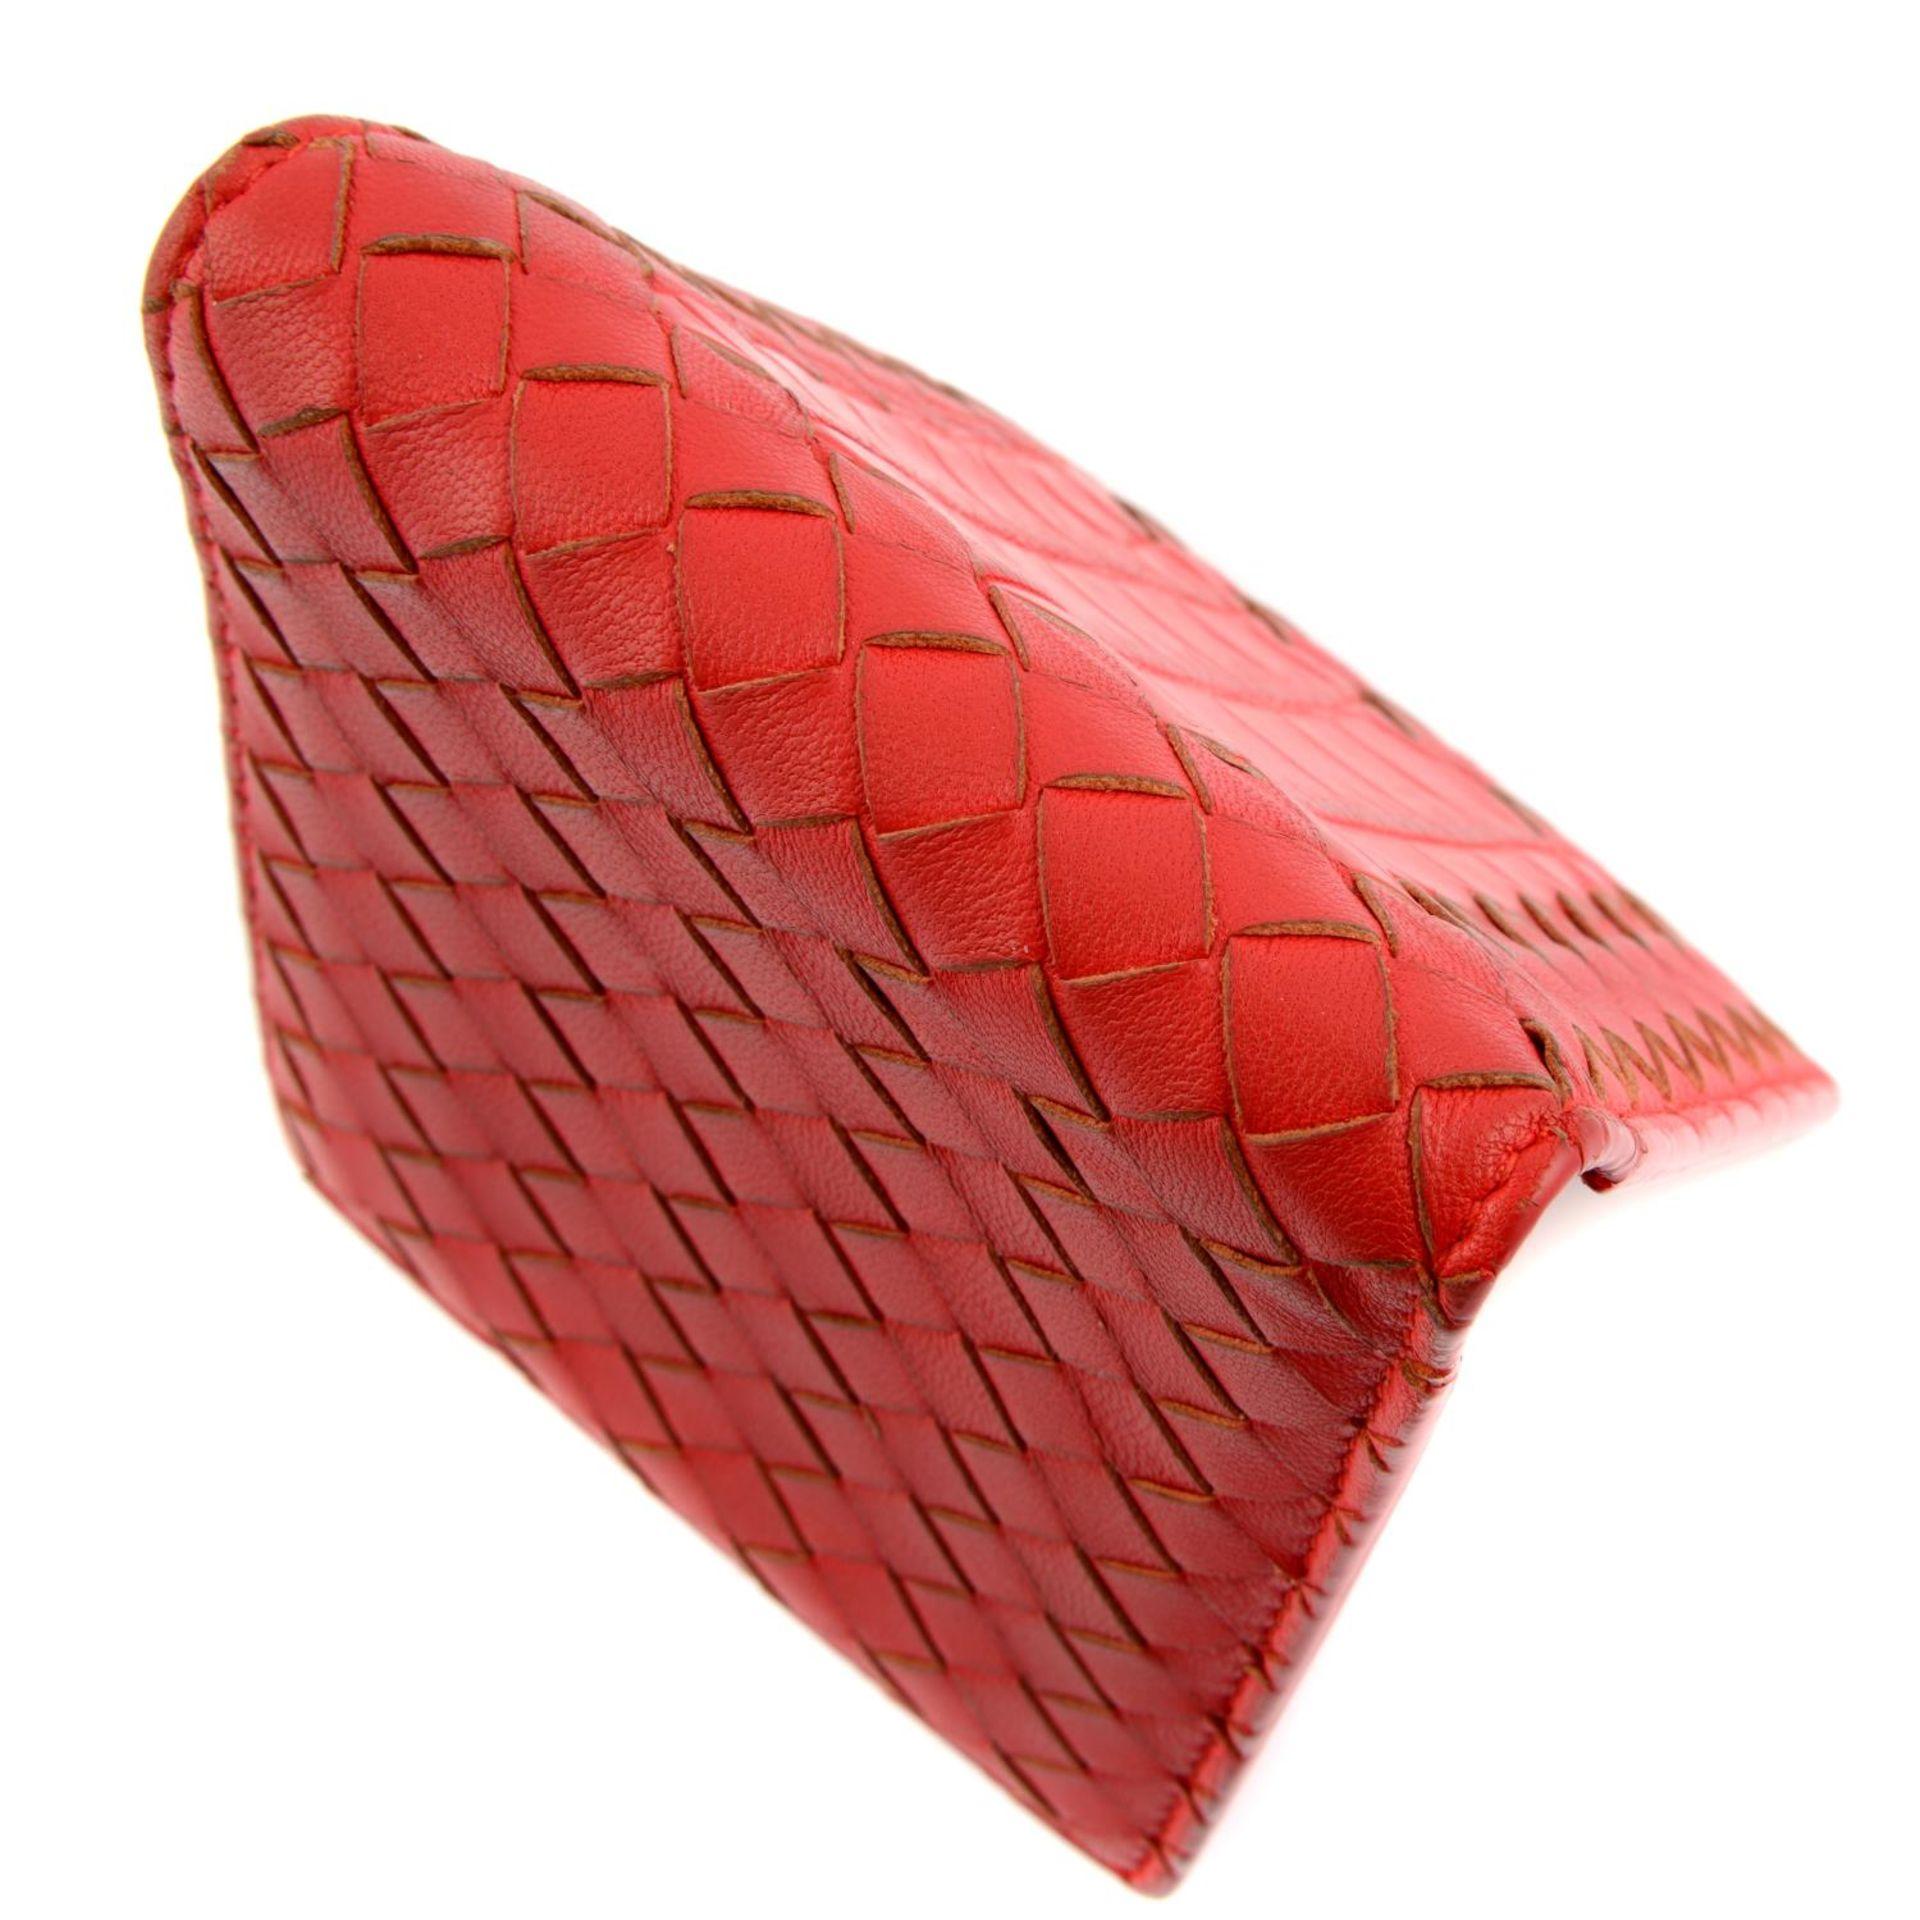 BOTTEGA VENETA - an Intrecciato leather bifold wallet. - Image 4 of 4